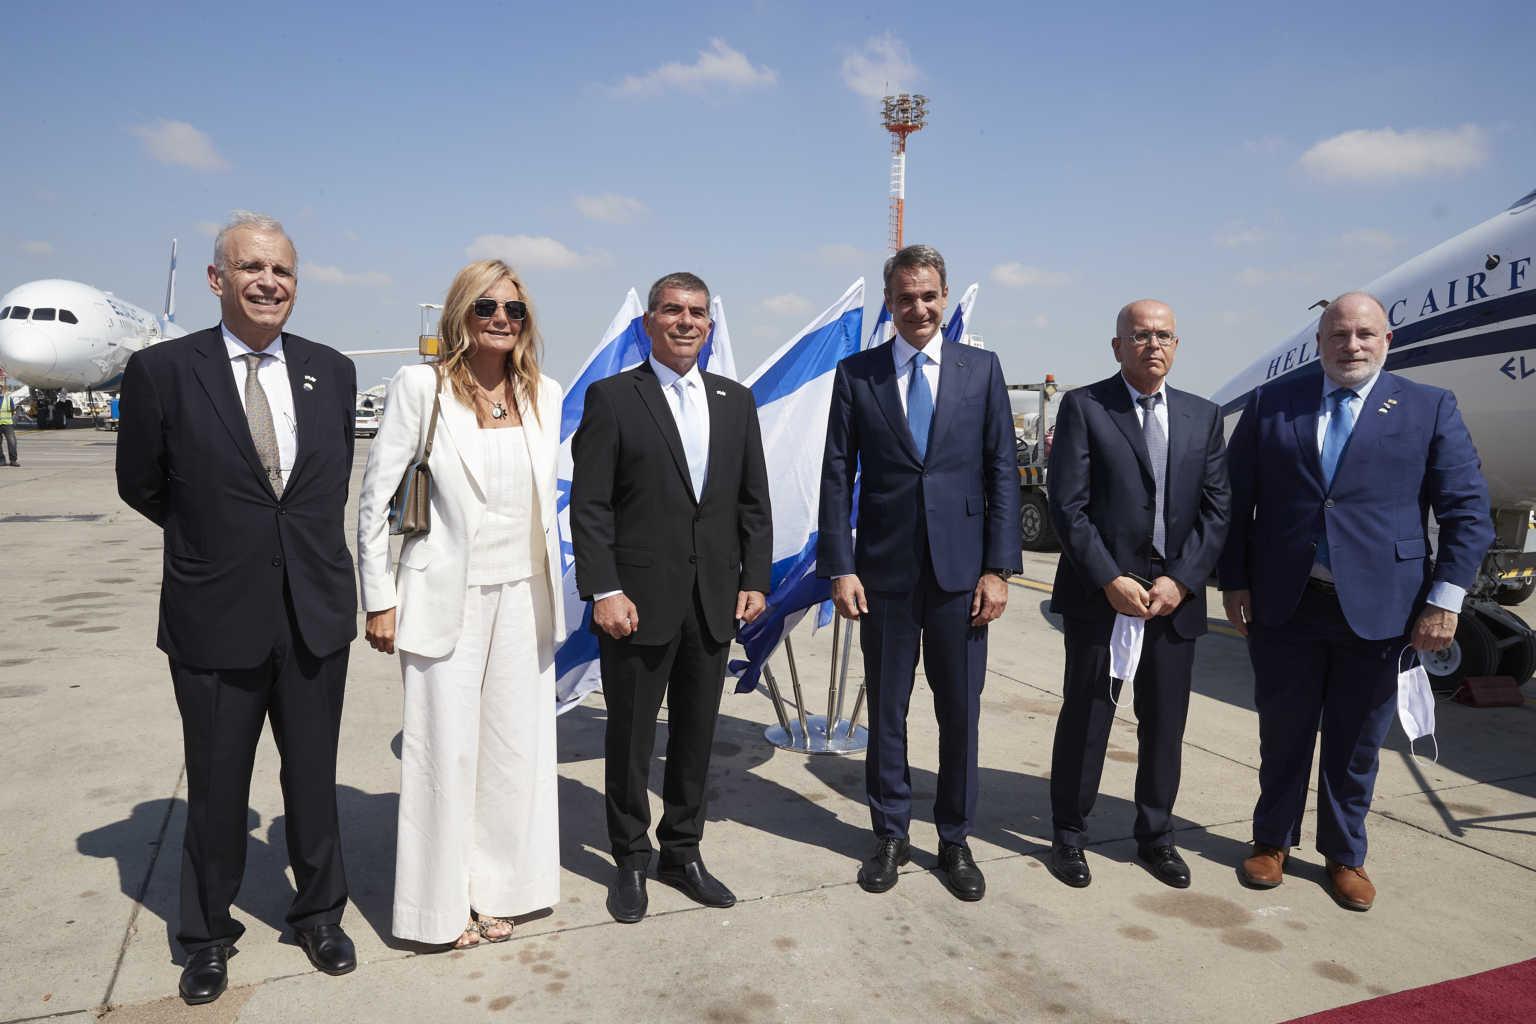 Στο Ισραήλ ο πρωθυπουργός – Η λεπτομέρεια στην μάσκα που φορούσε